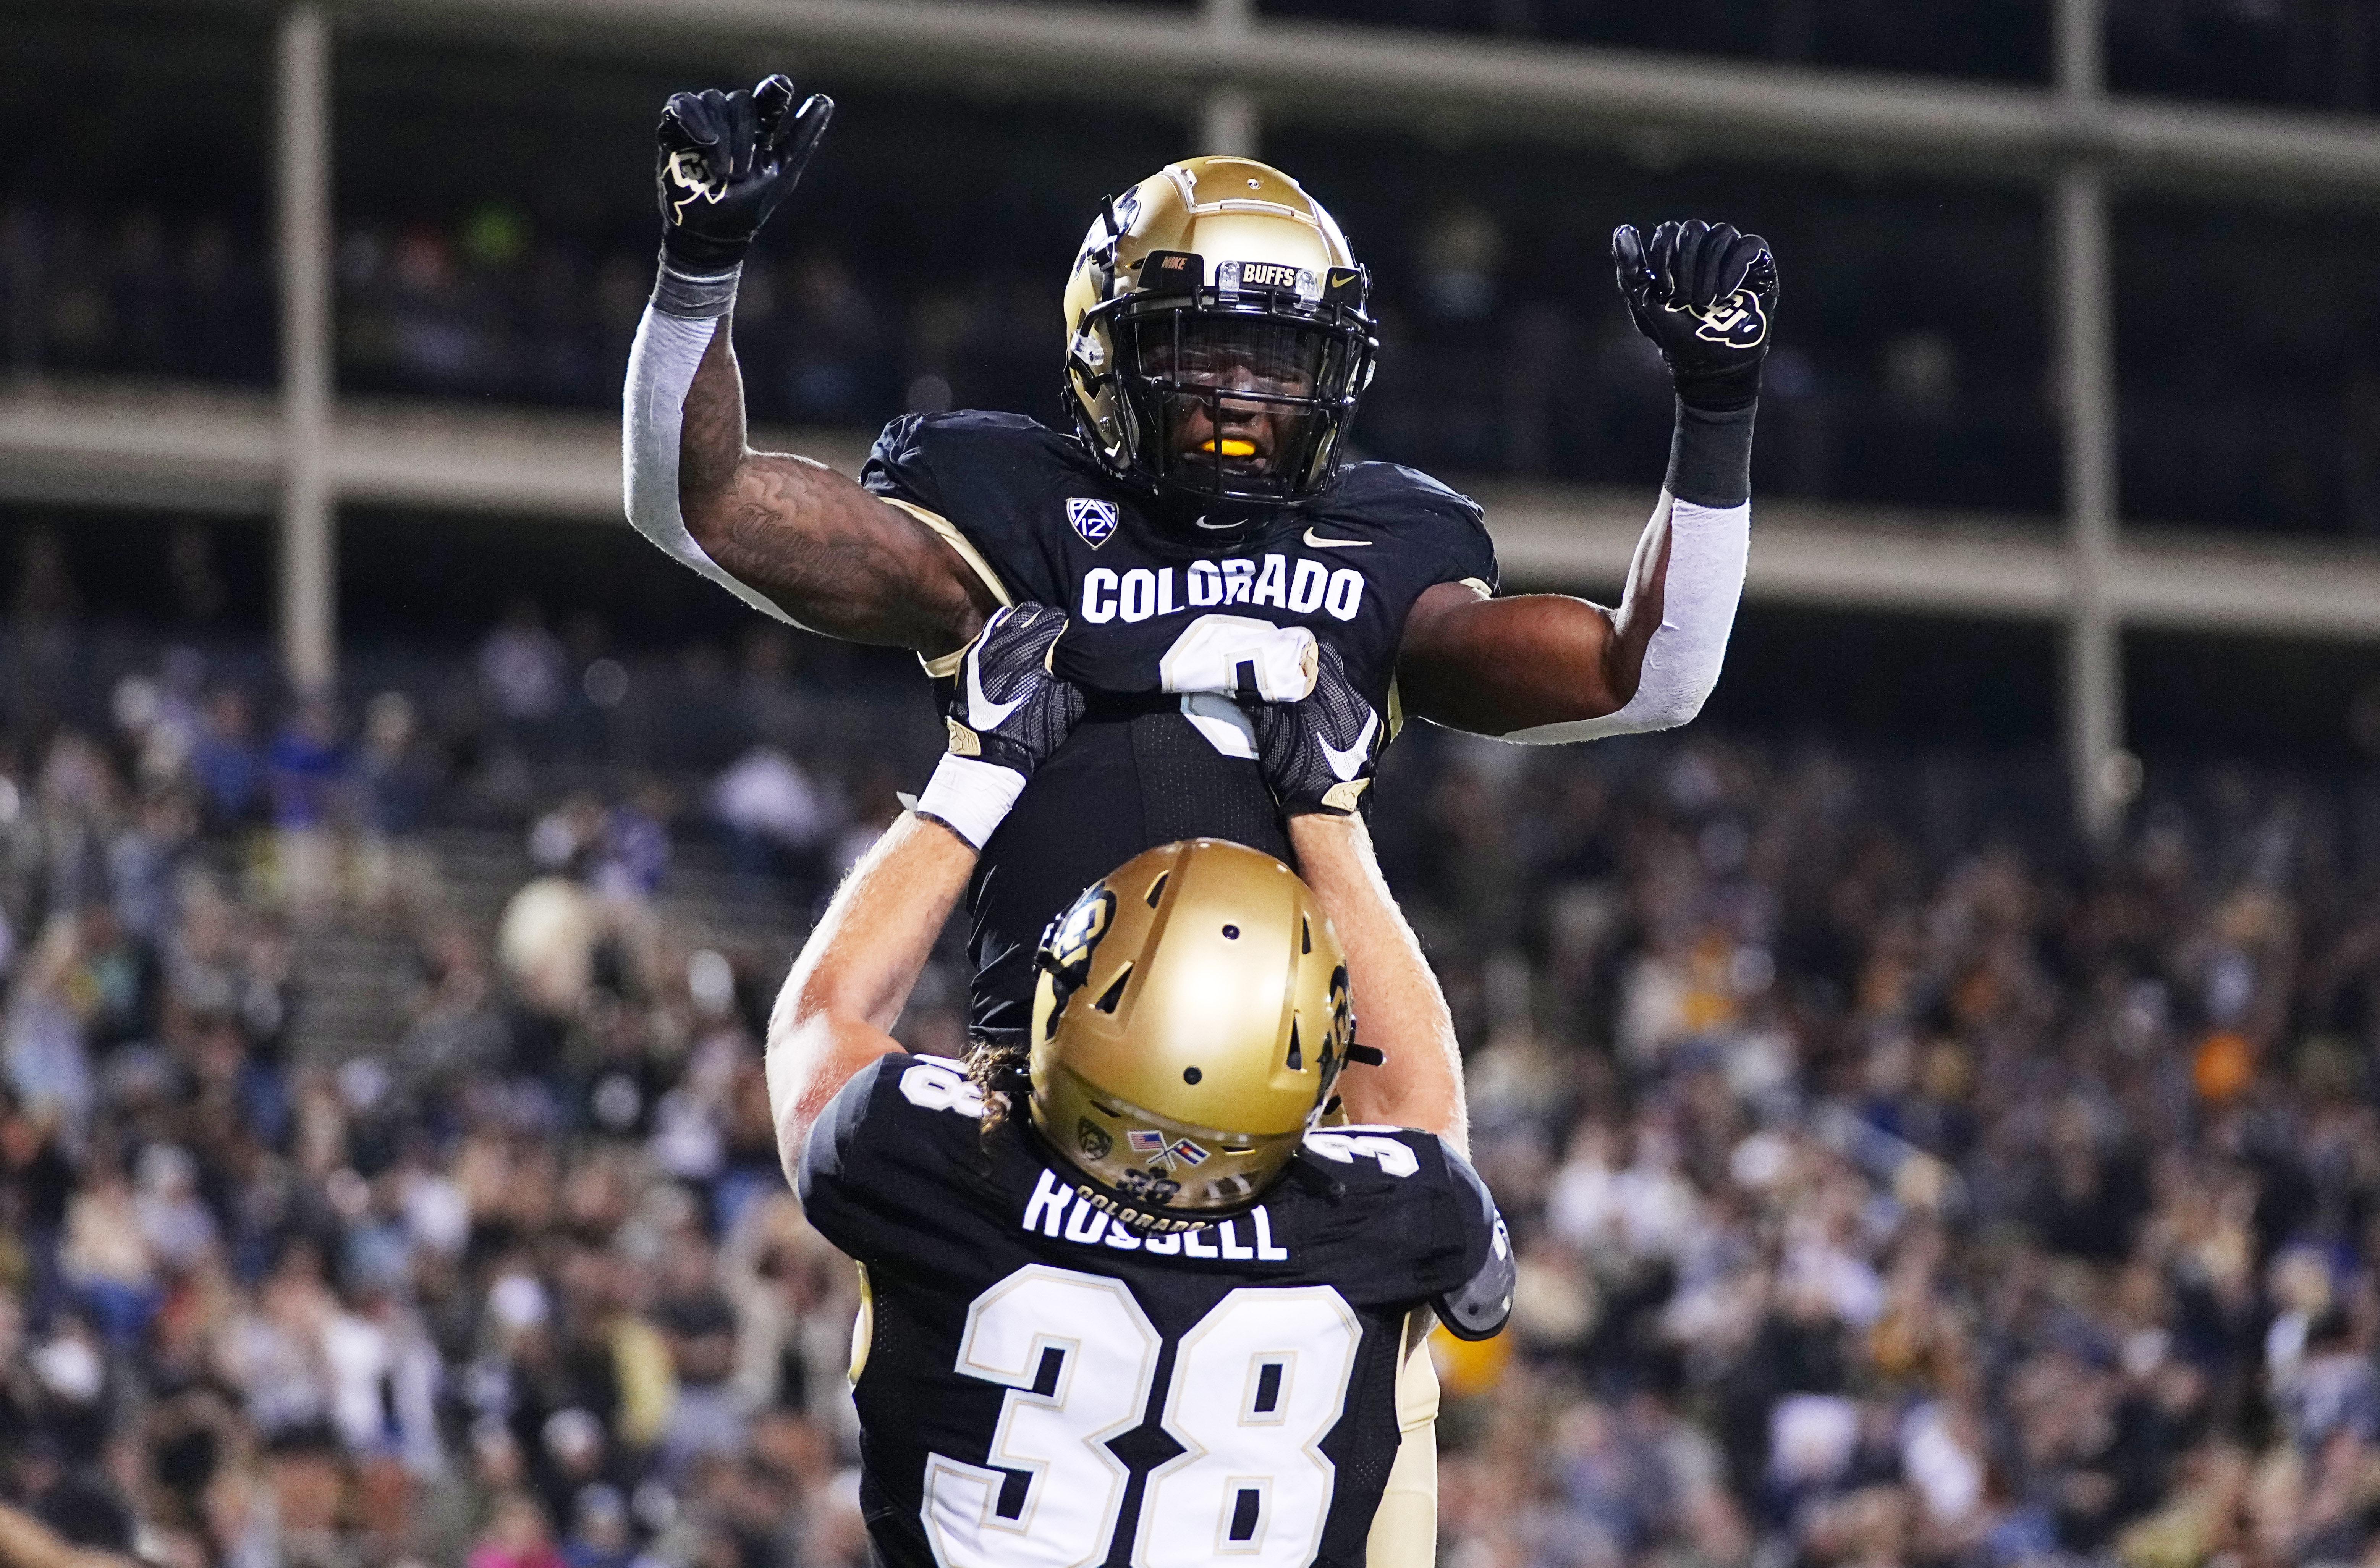 NCAA Football: Northern Colorado at Colorado